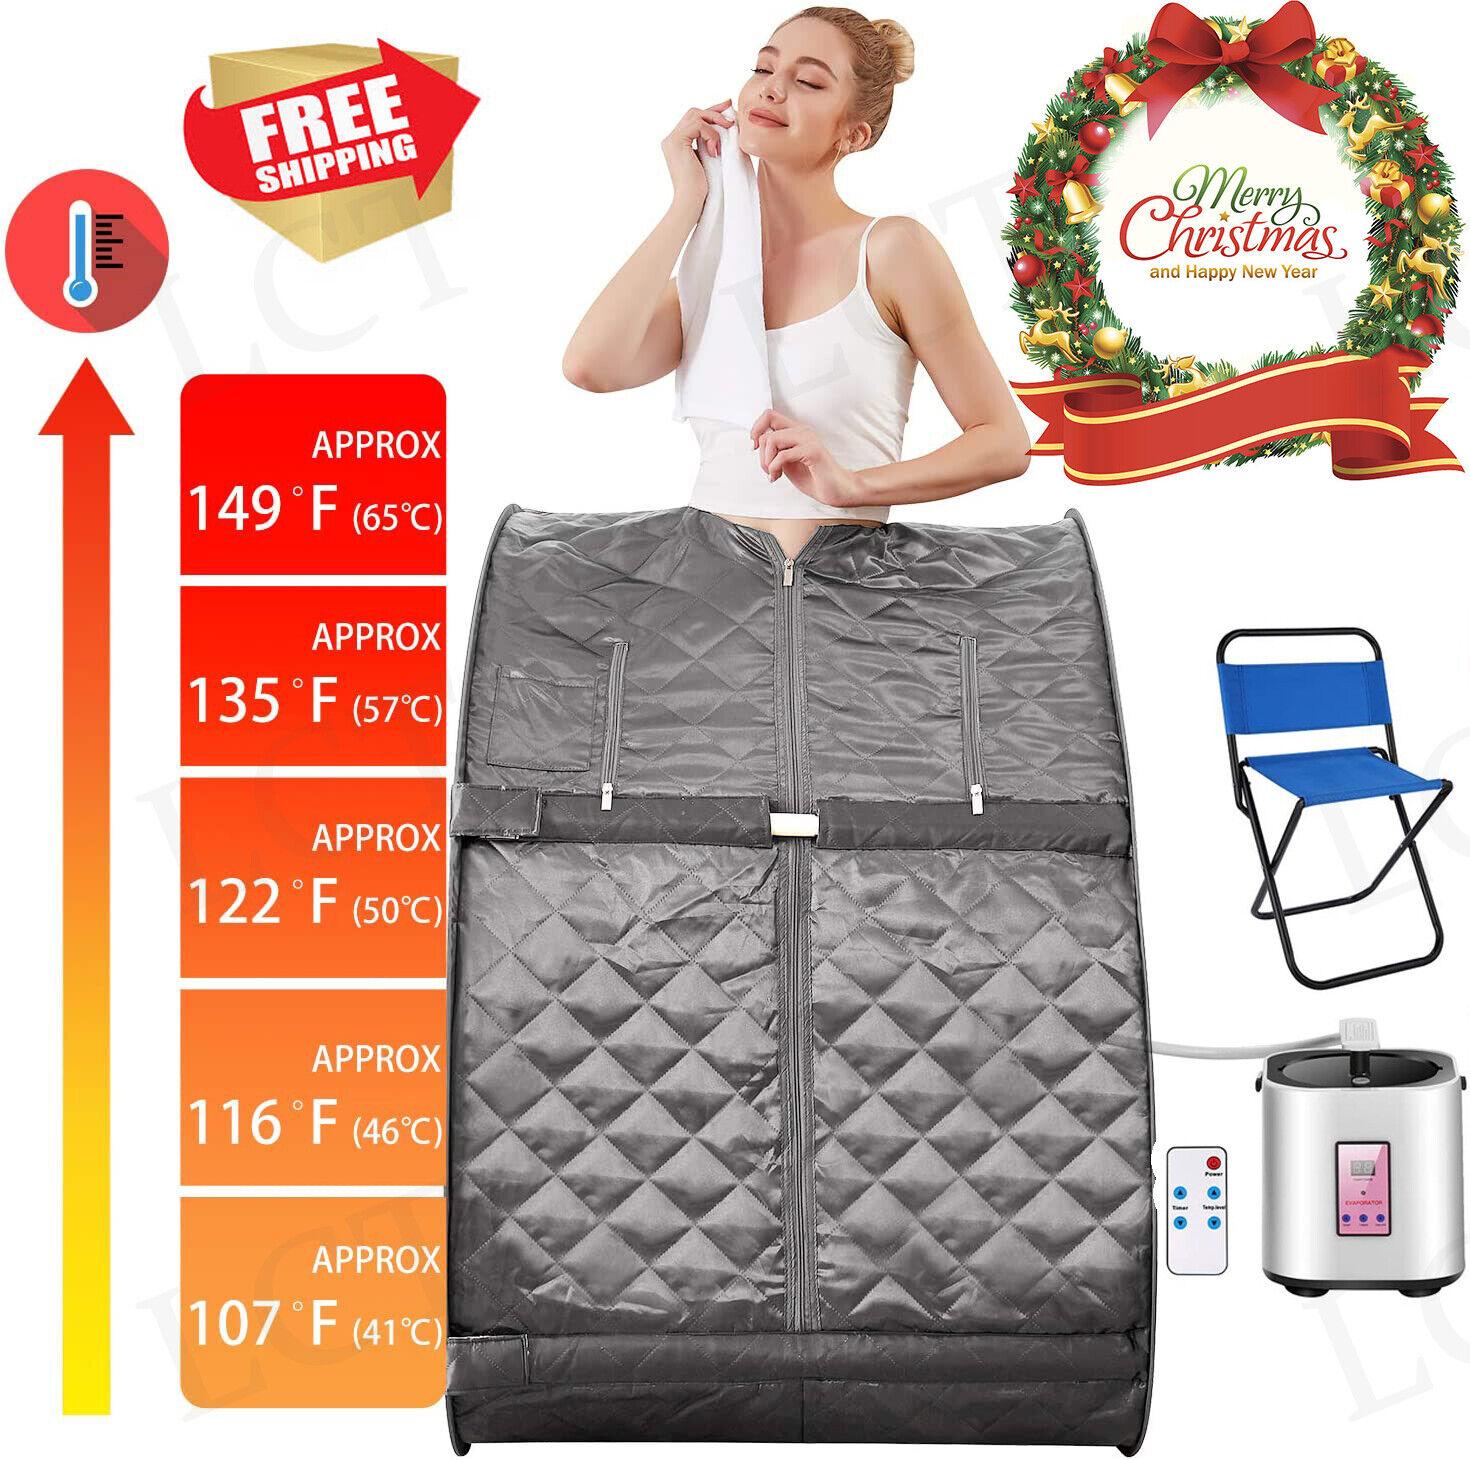 2L Portable Home Steam Sauna Spa Full Body Sauna Tent Loss W